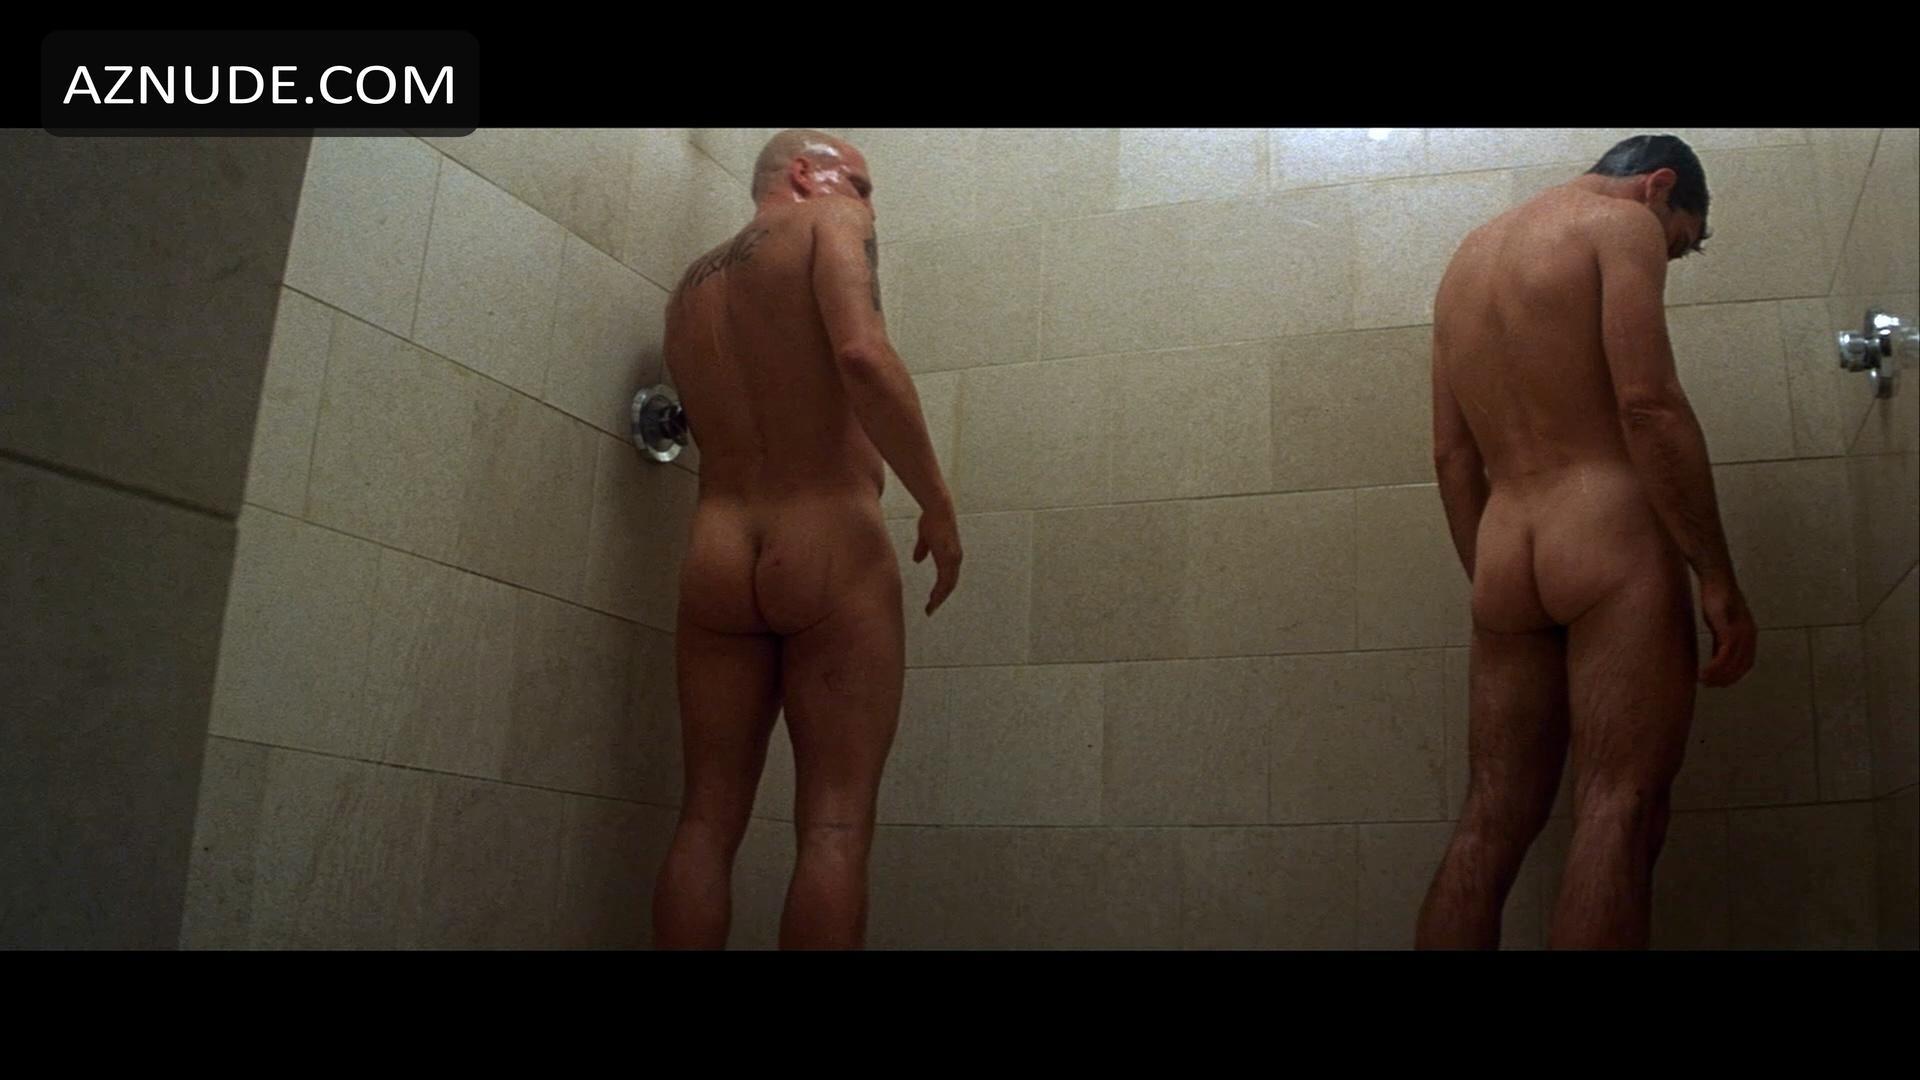 Antonio Banderas Nude - Aznude Men-7794